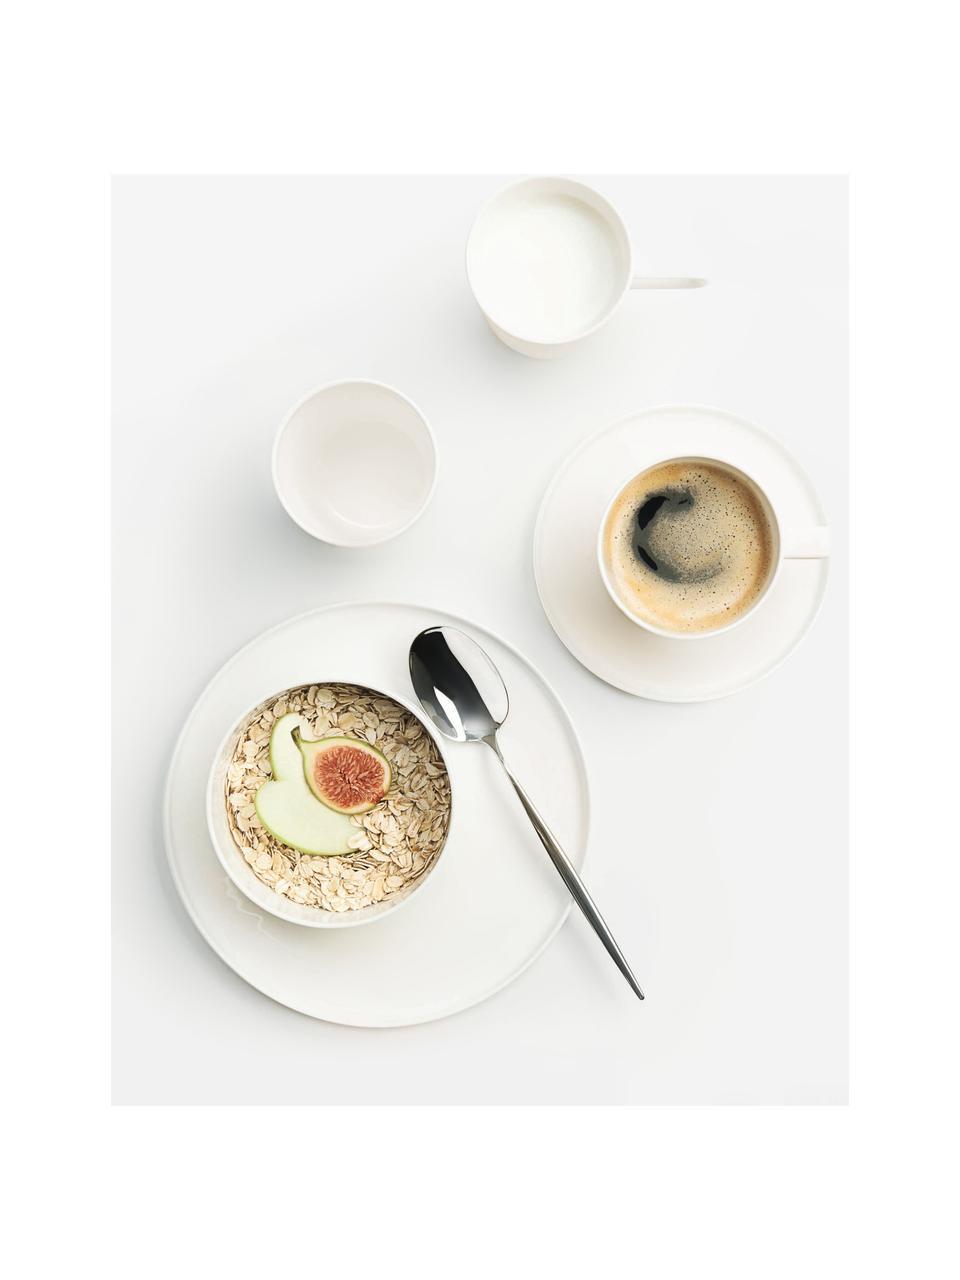 Komplet filiżanek z porcelany ze spodkiem Oco, 6 elem., Fine Bone China (porcelana kostka) Fine Bone China to miękka porcelana wyróżniająca się wyjątkowym, półprzezroczystym połyskiem, Kość słoniowa, Ø 6 x W 7 cm